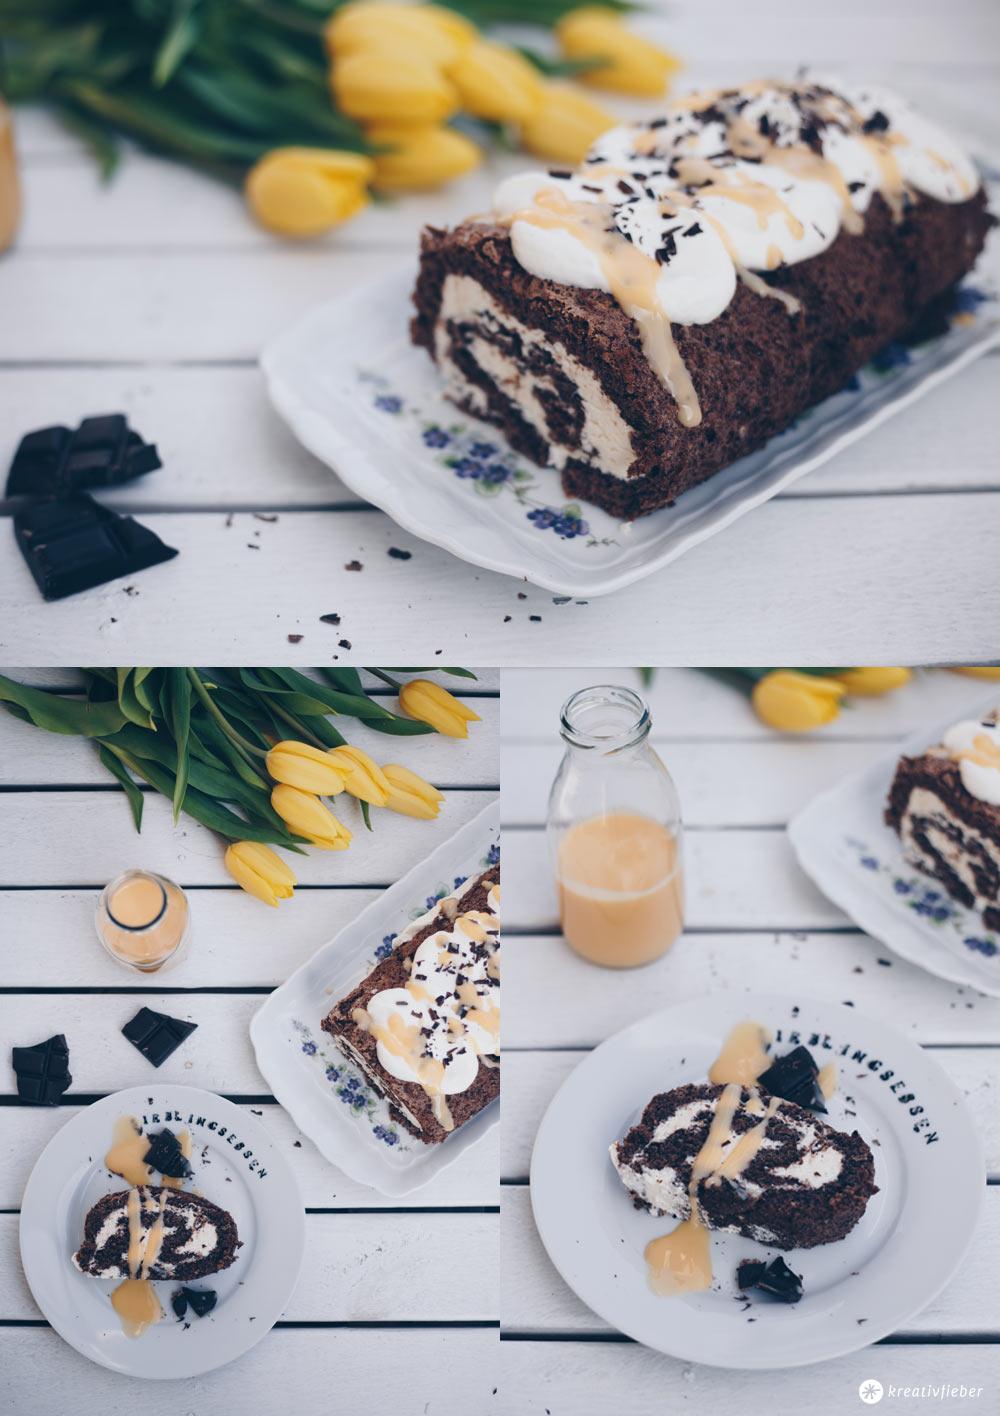 Schokoladige Biskuitrolle mit Eierlikör backen - Rezept zu Ostern